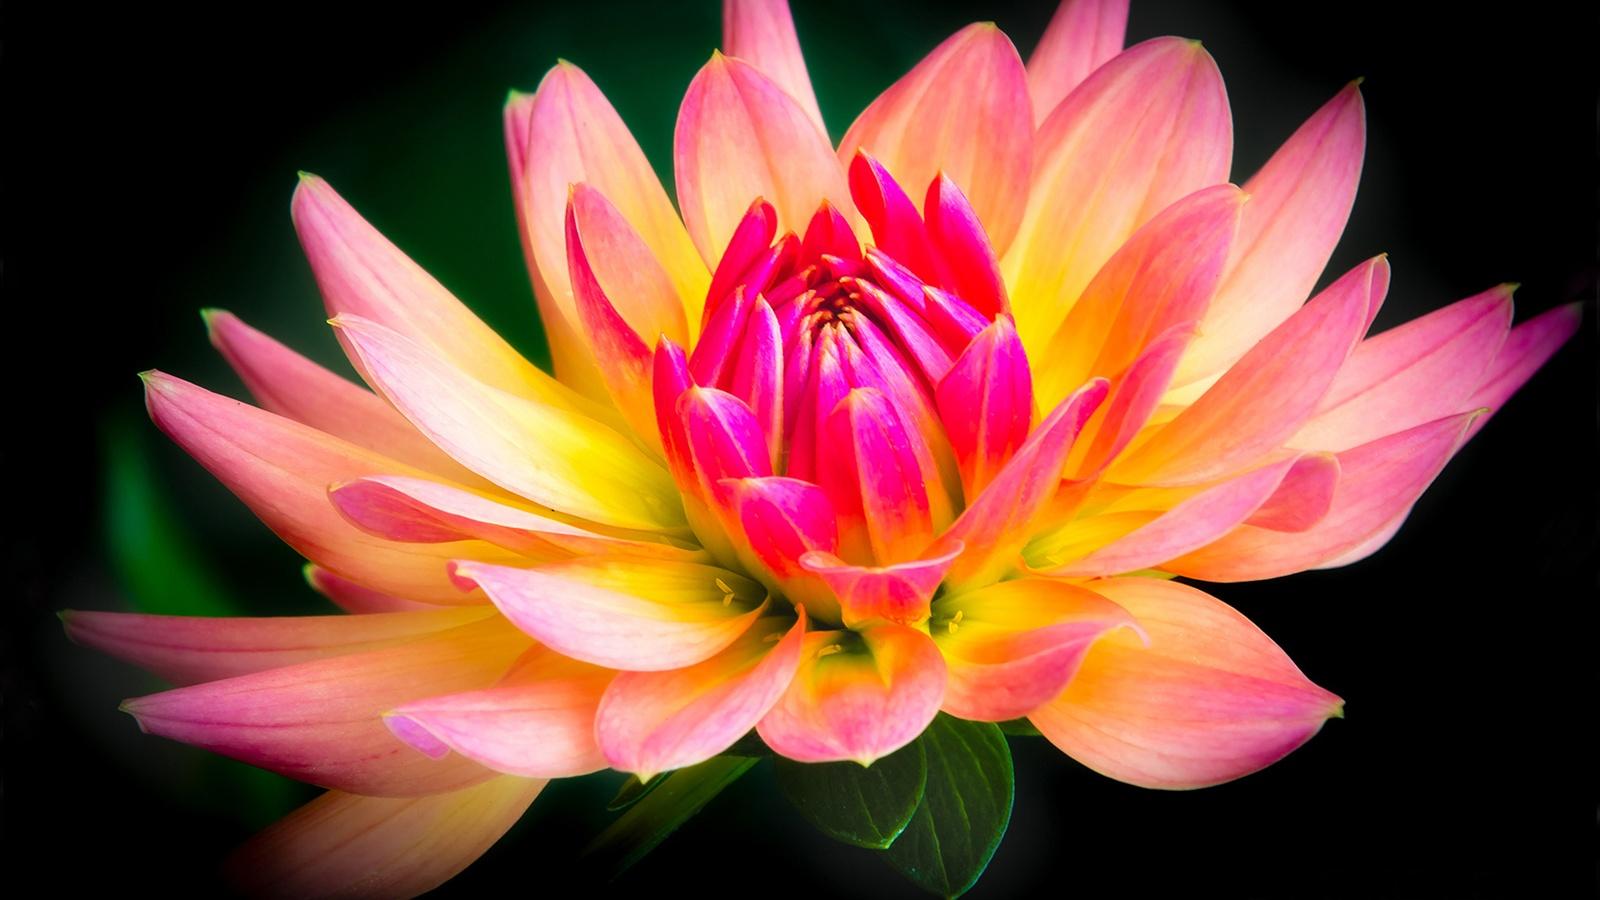 Flower Close-up, gelb und rosa, Dahlie, schwarzer ...